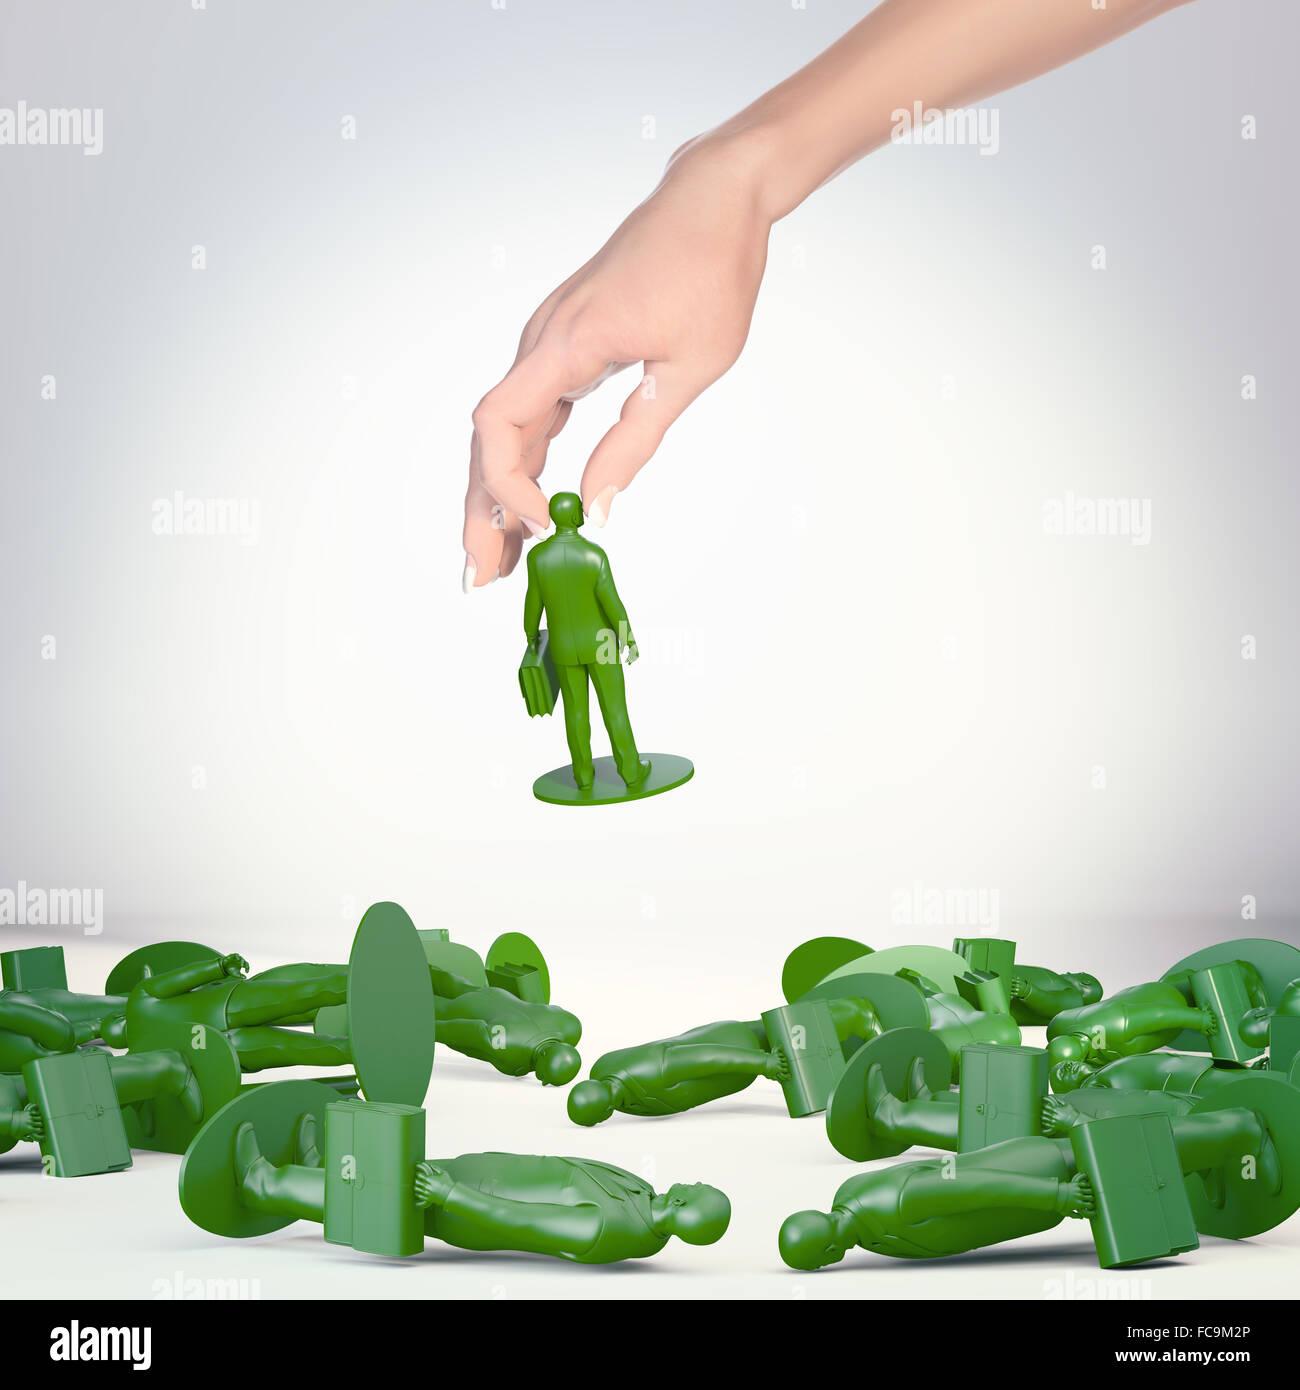 Imprenditore Toy figure - il successo e il concetto portante Immagini Stock